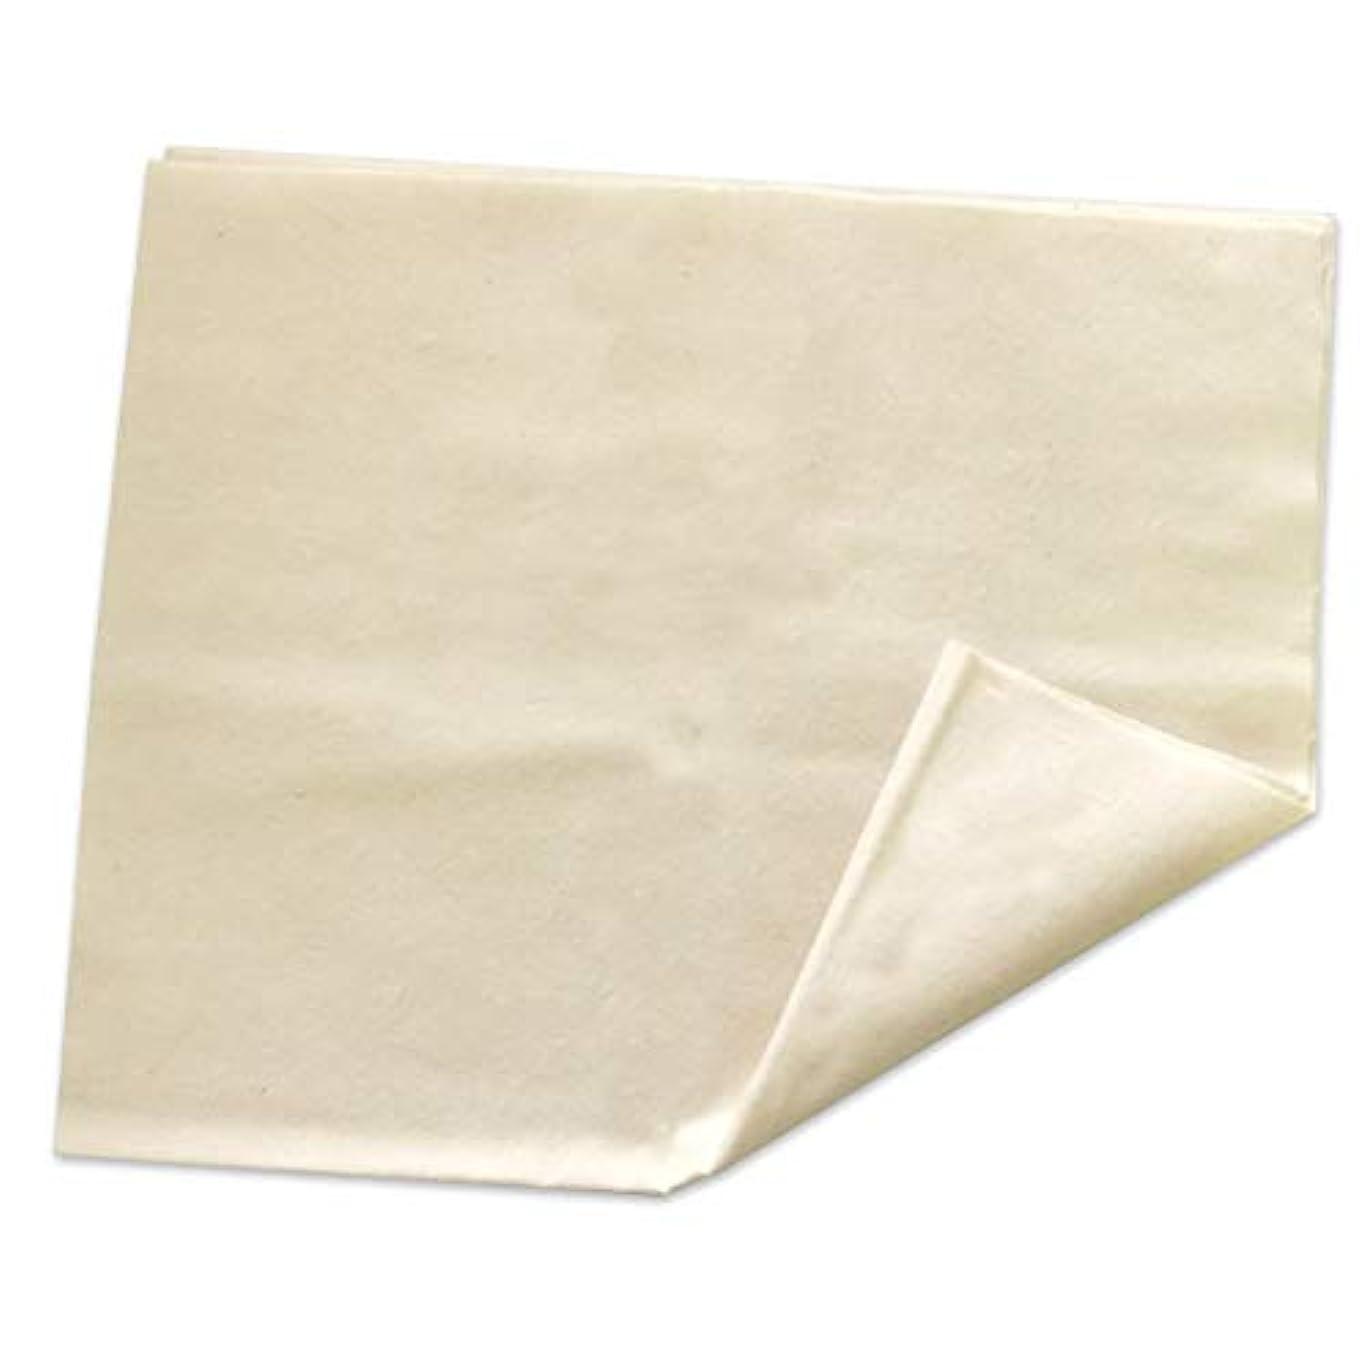 しがみつく取り付け干渉するコットンフランネル (コットンネル生地、綿100%、ヒマシ油パック、パック、ひまし油パック)